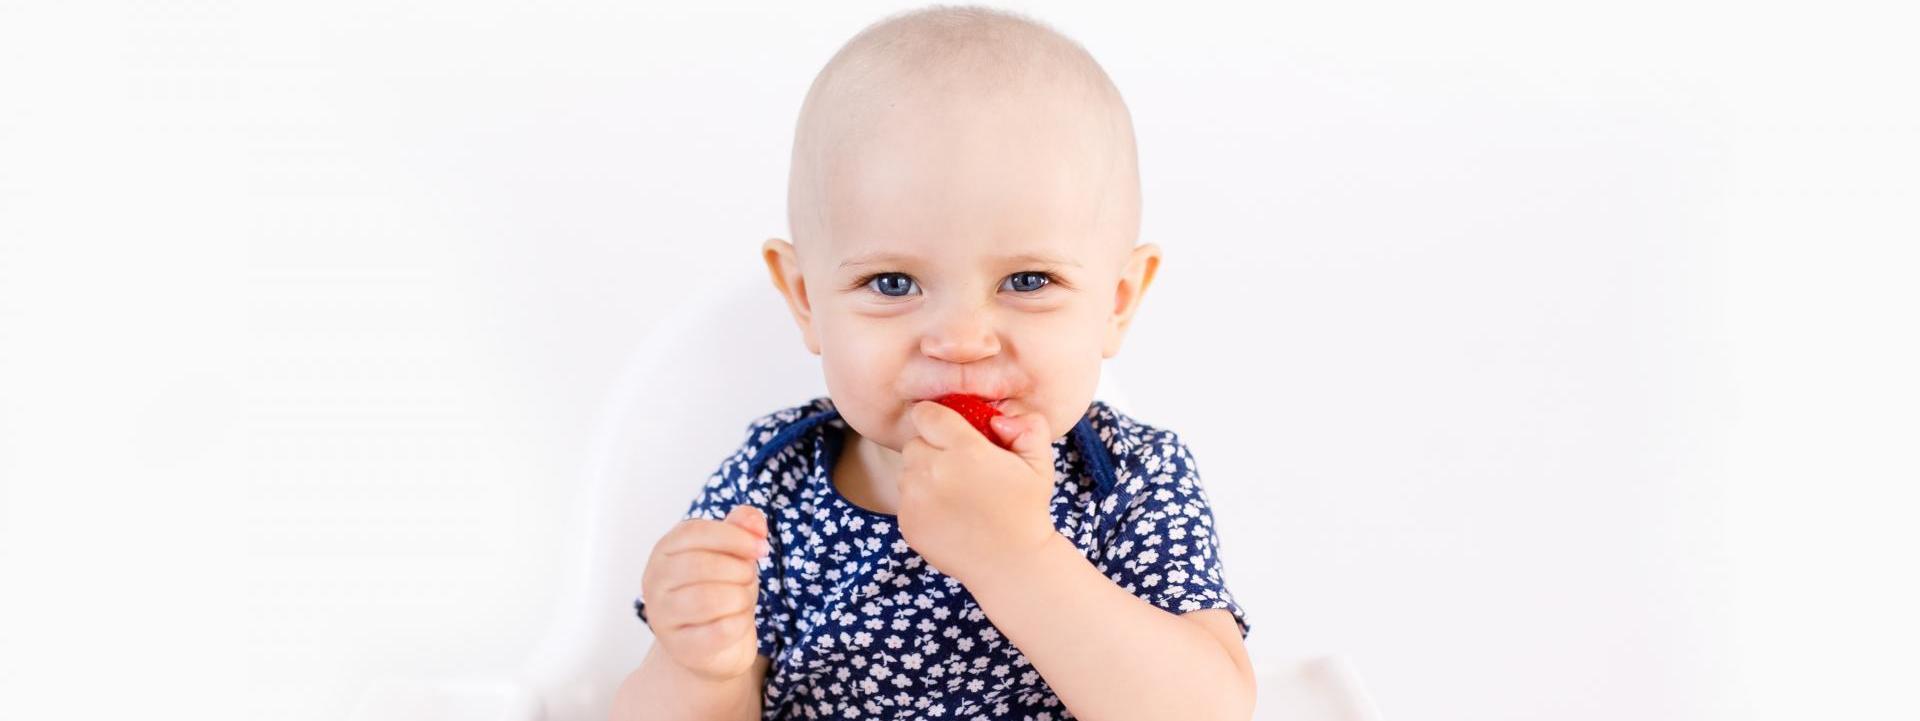 Cuando debo darle alimentos sólidos a mi bebé?